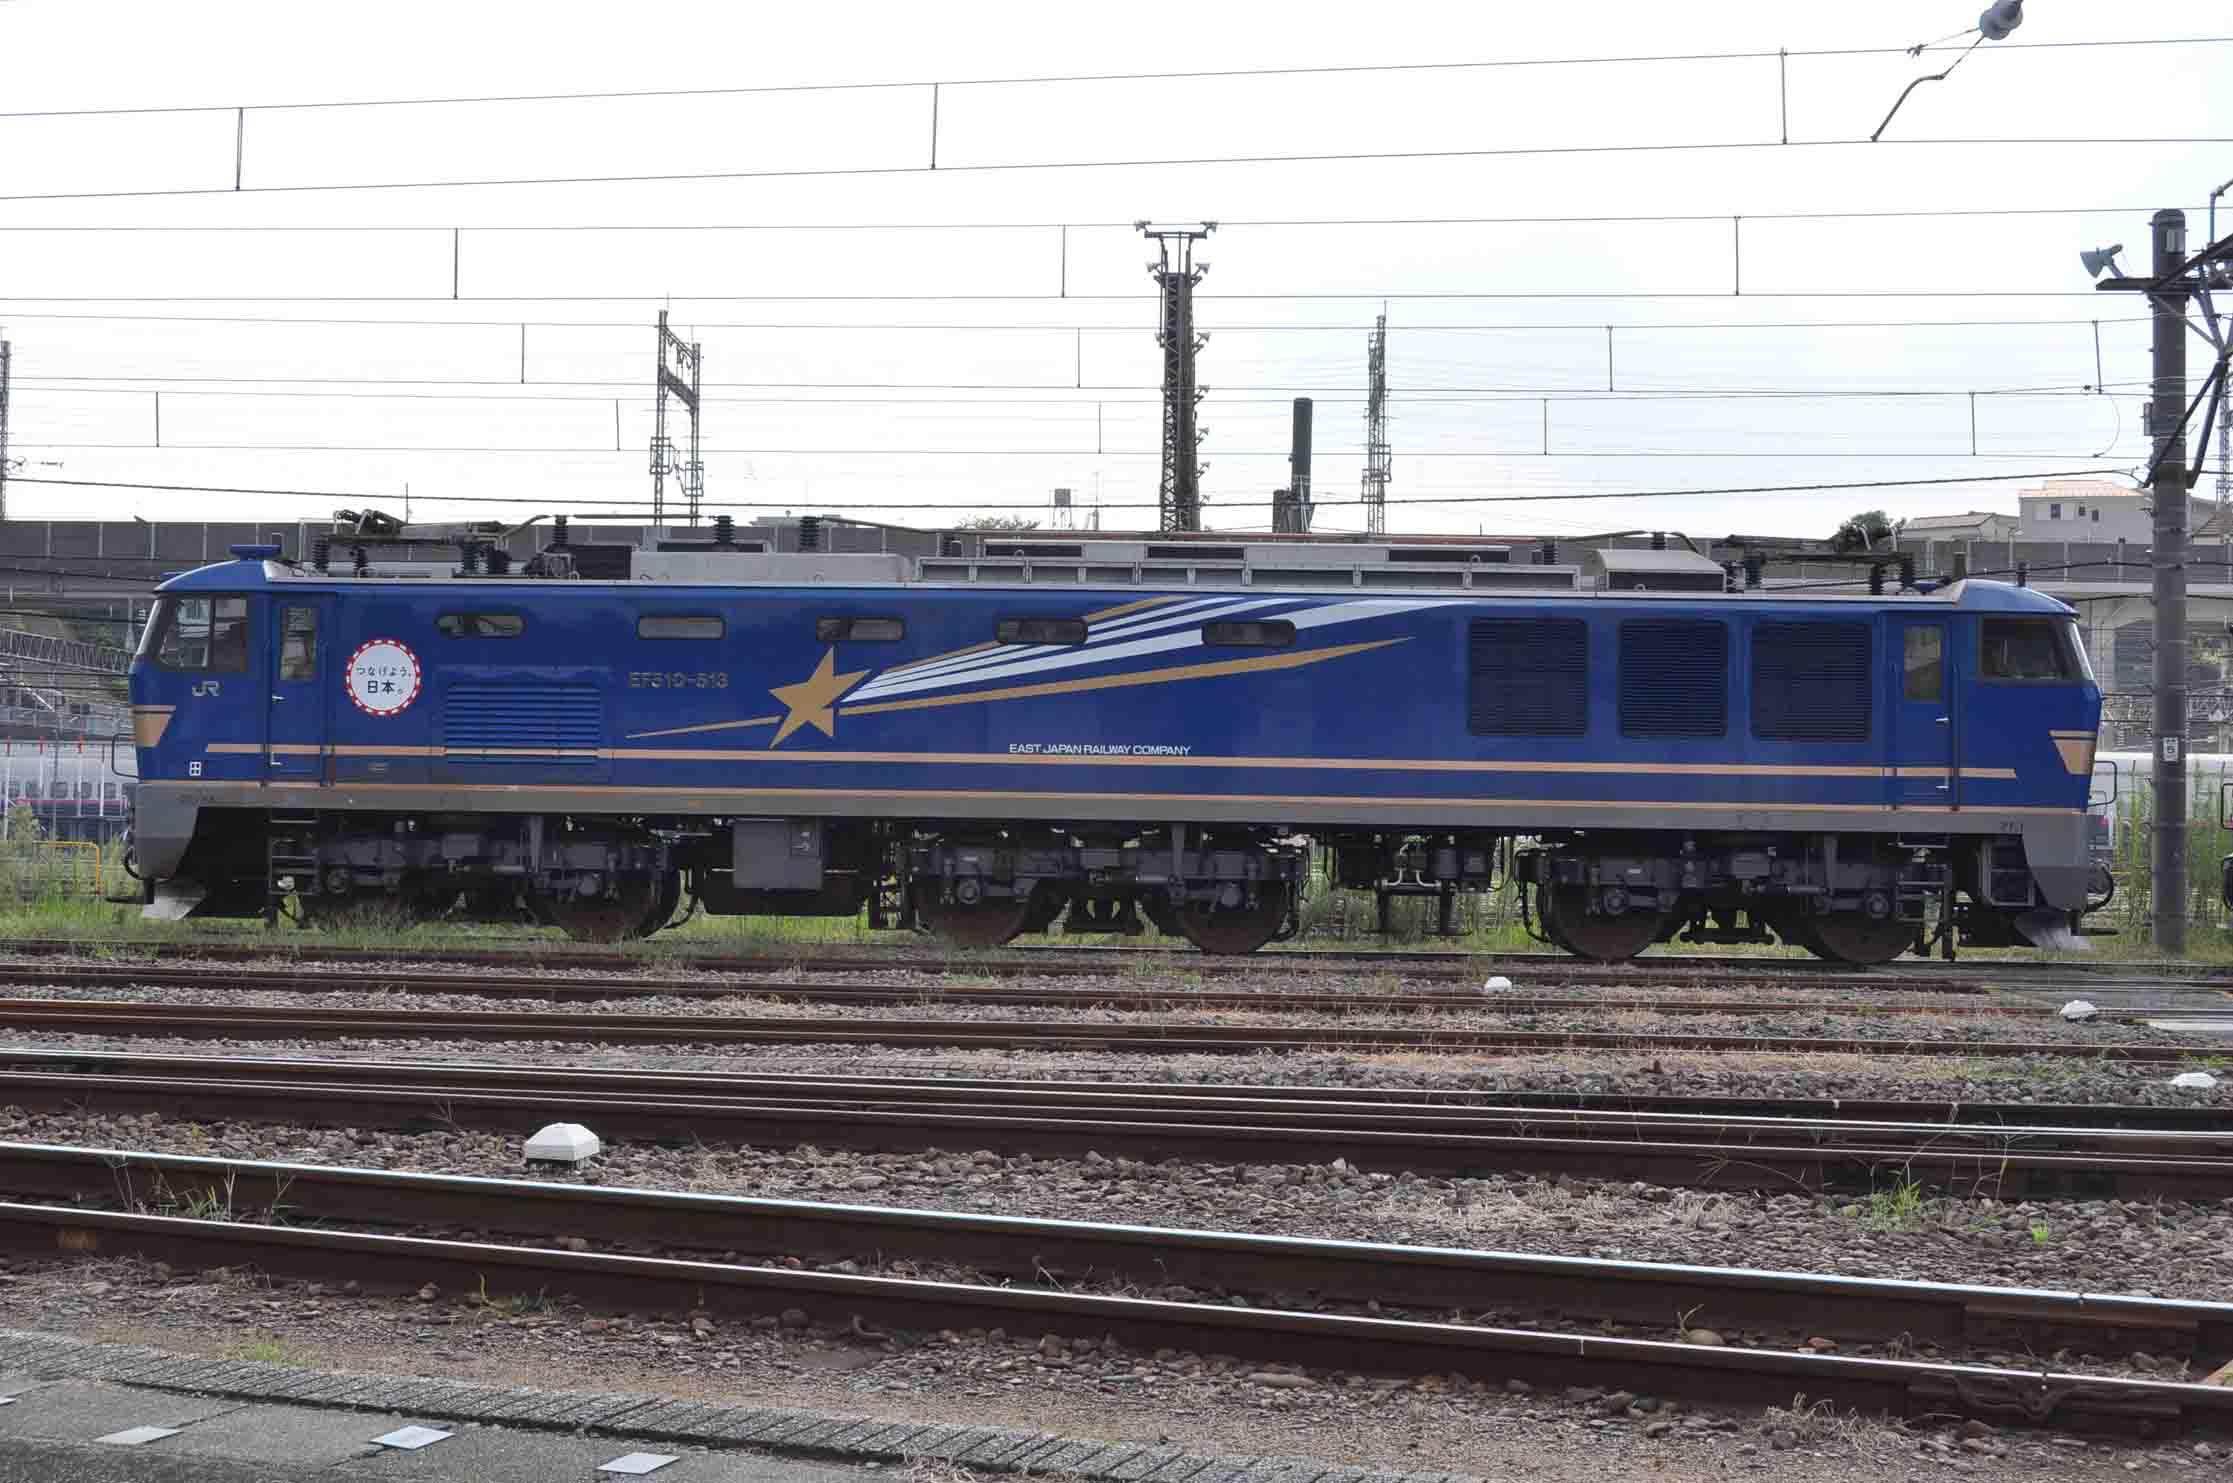 田端EF510-513